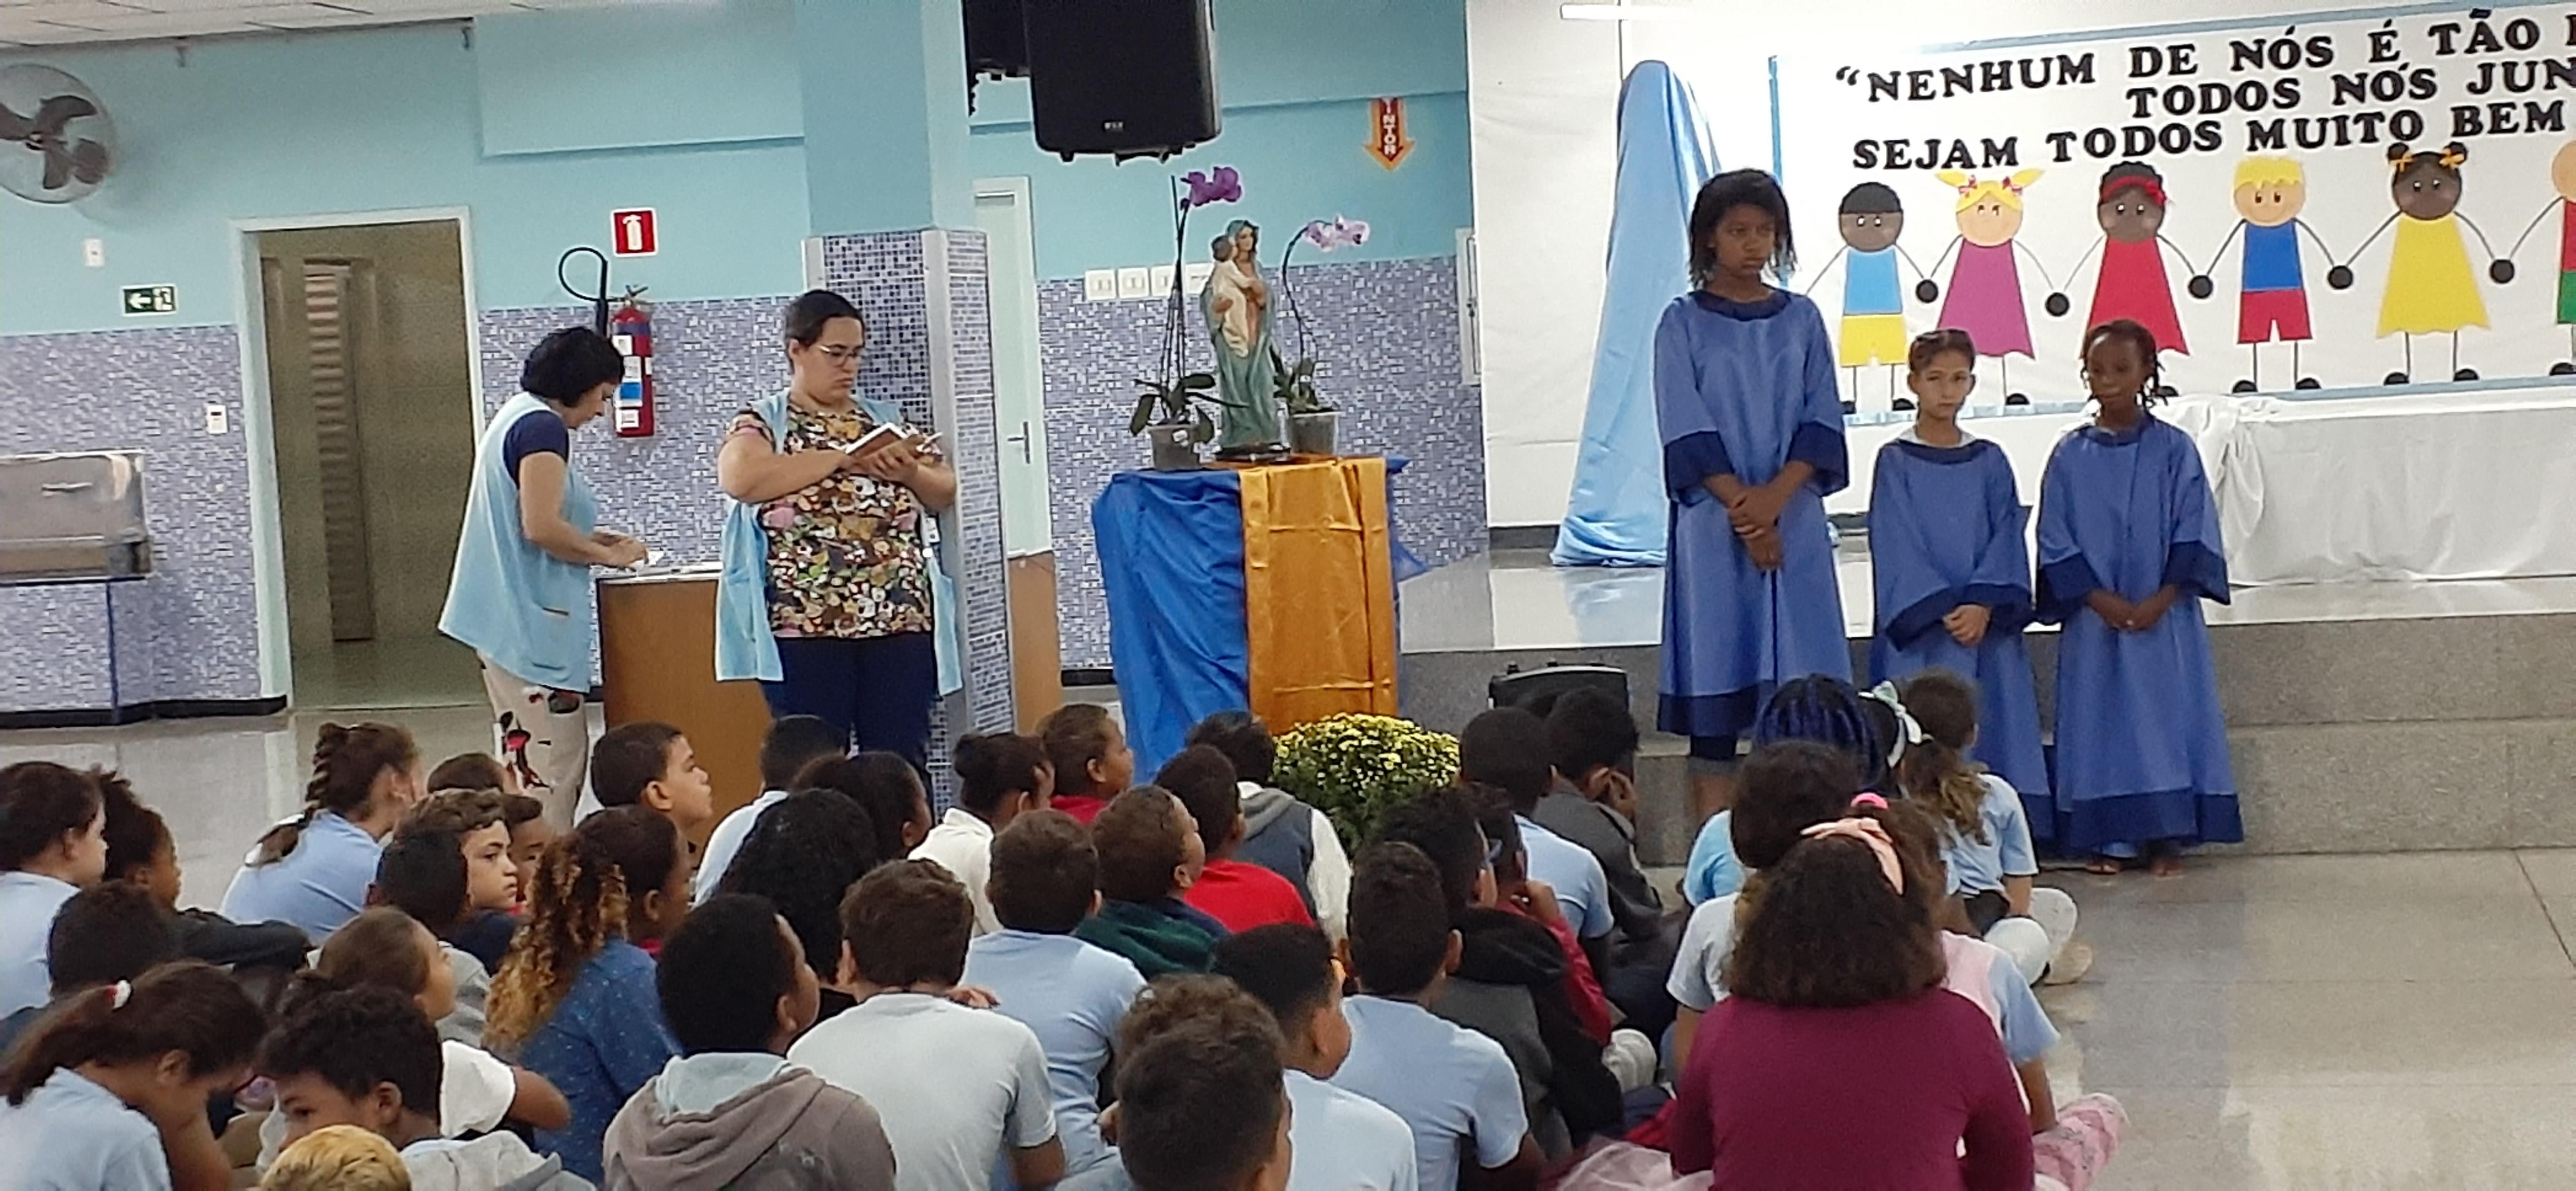 Celebração triduo Nossa Senhora do Divino Pranto